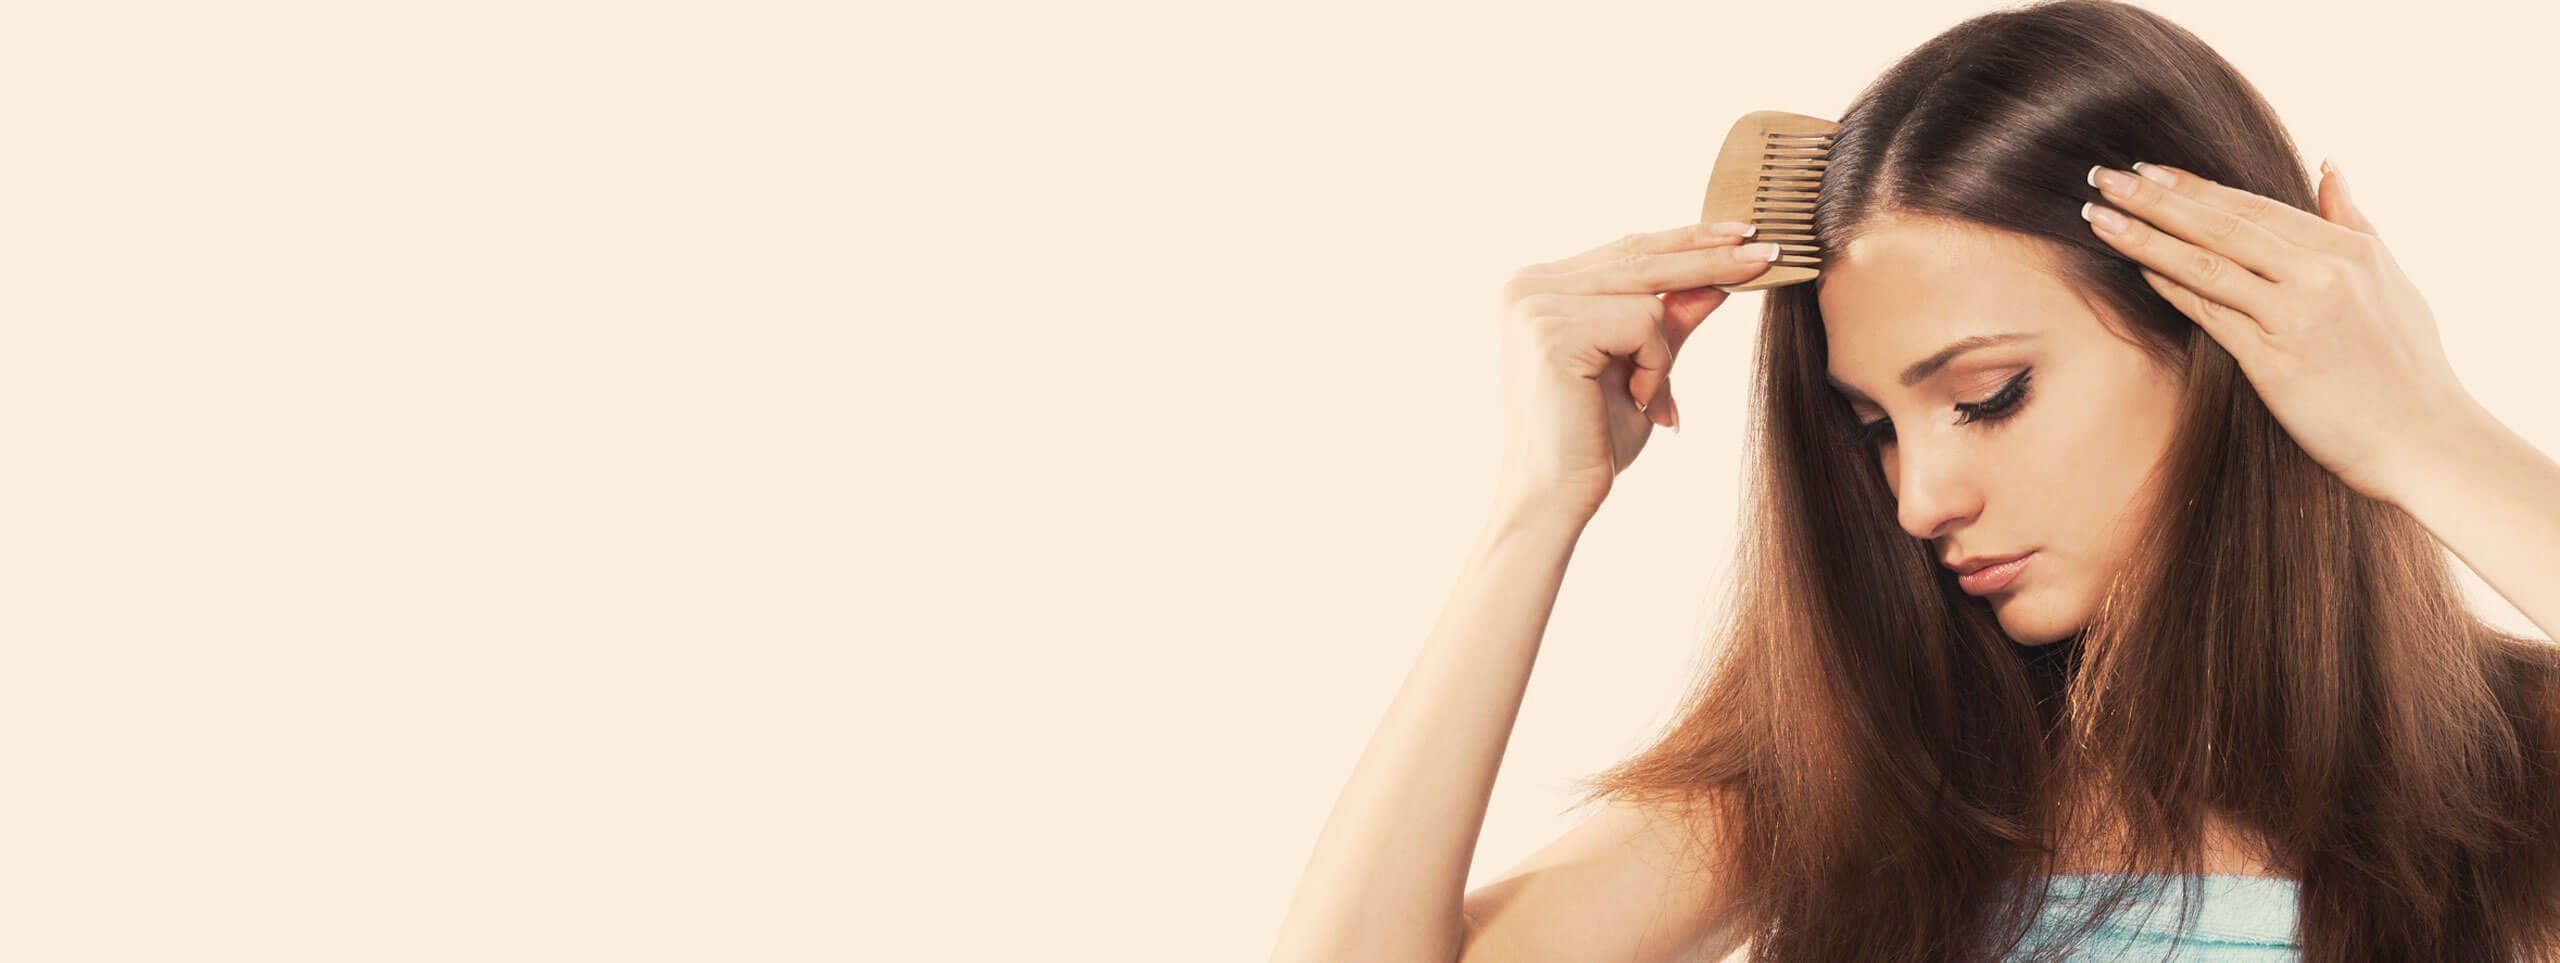 Donna che si pettina i capelli con riga in mezzo